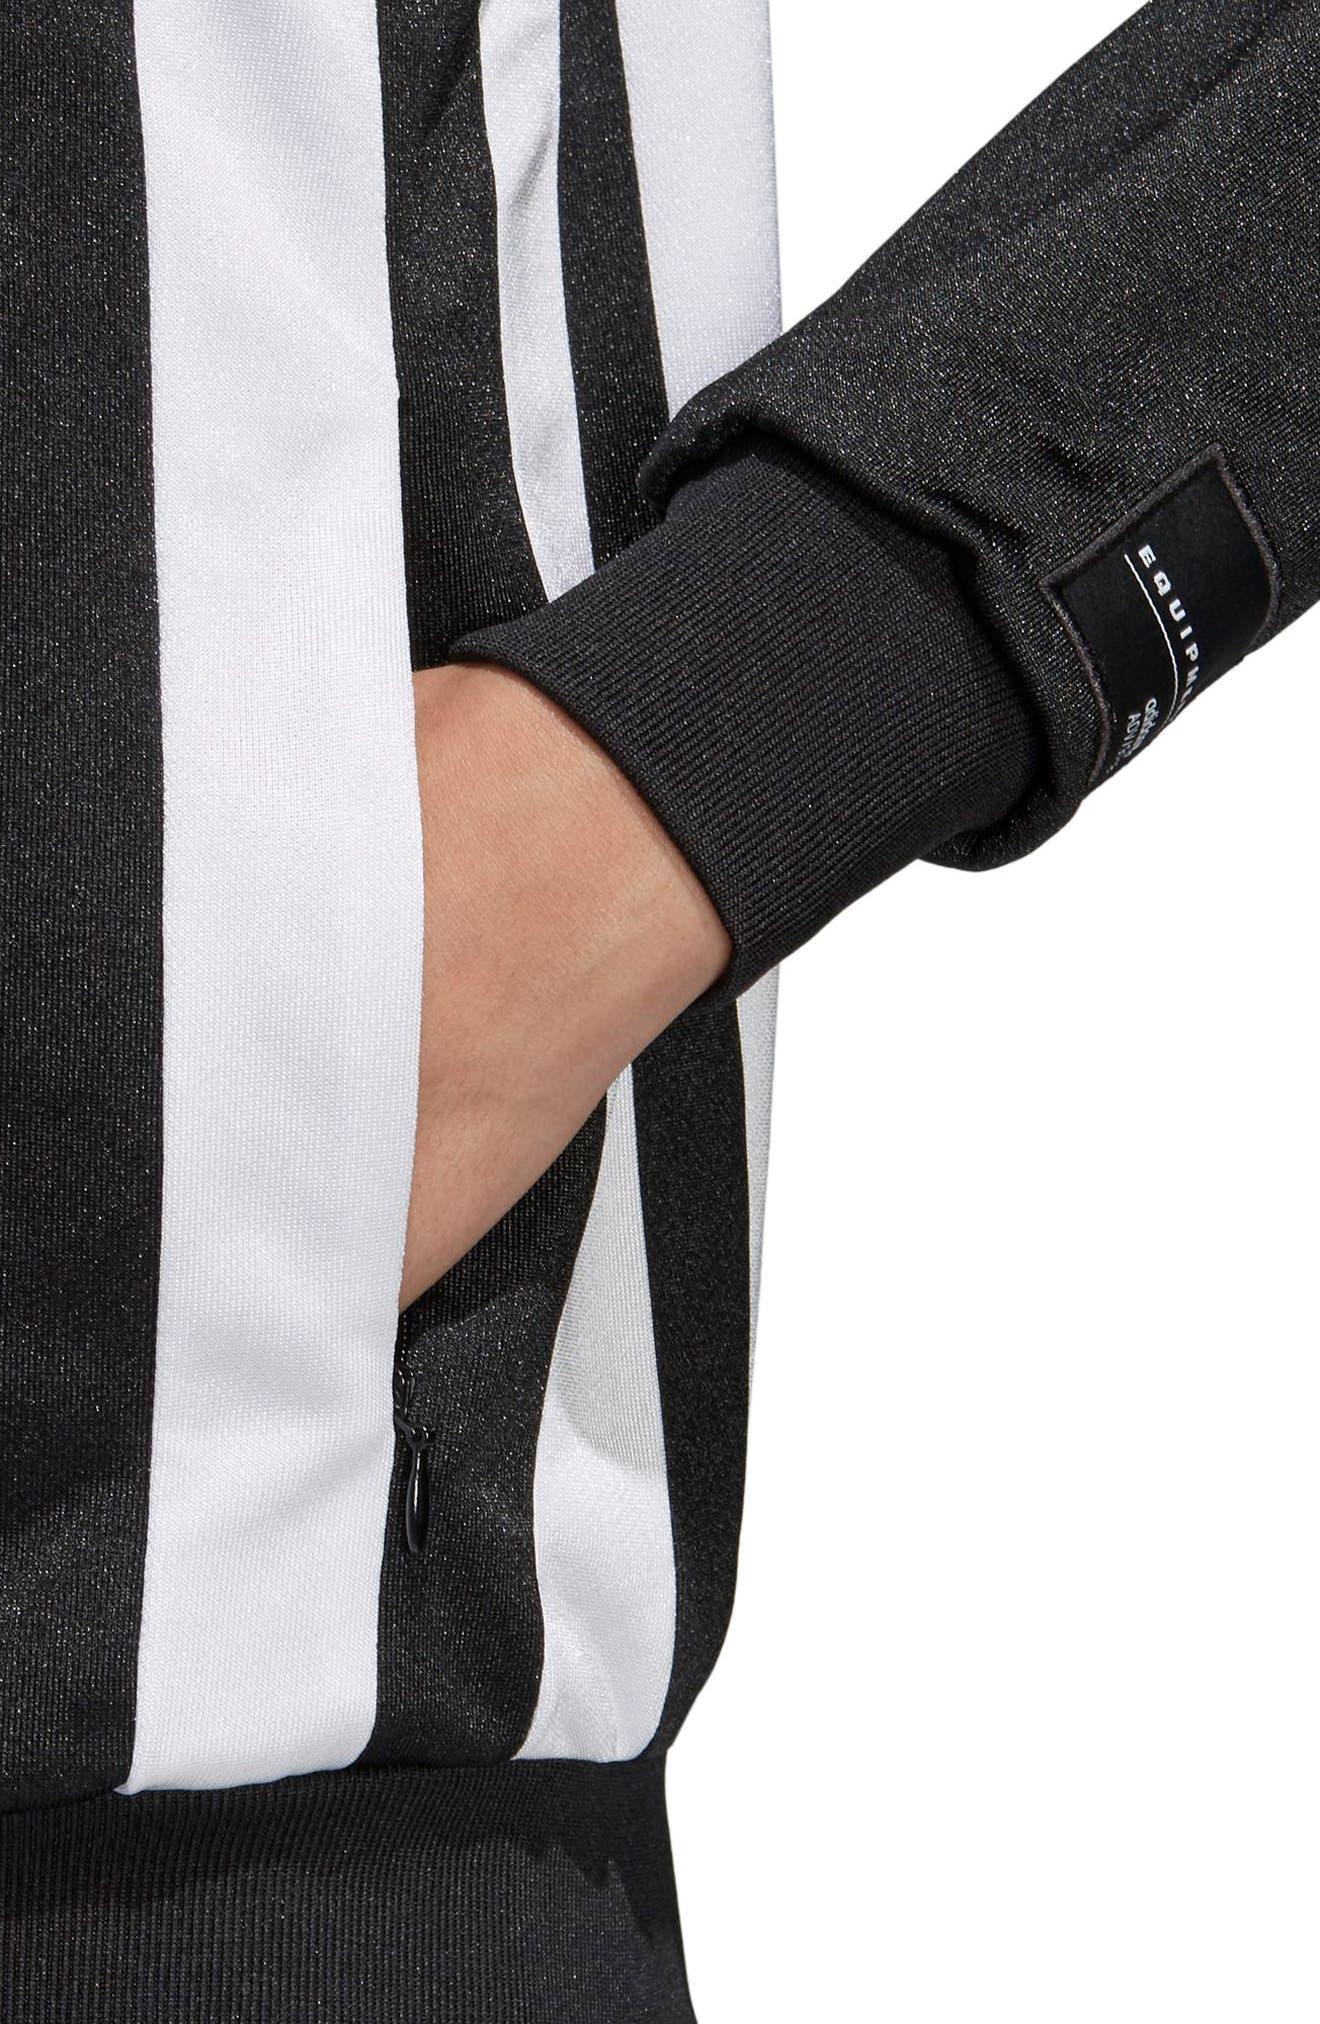 Originals Superstar Track Jacket,                             Alternate thumbnail 5, color,                             Black/ White